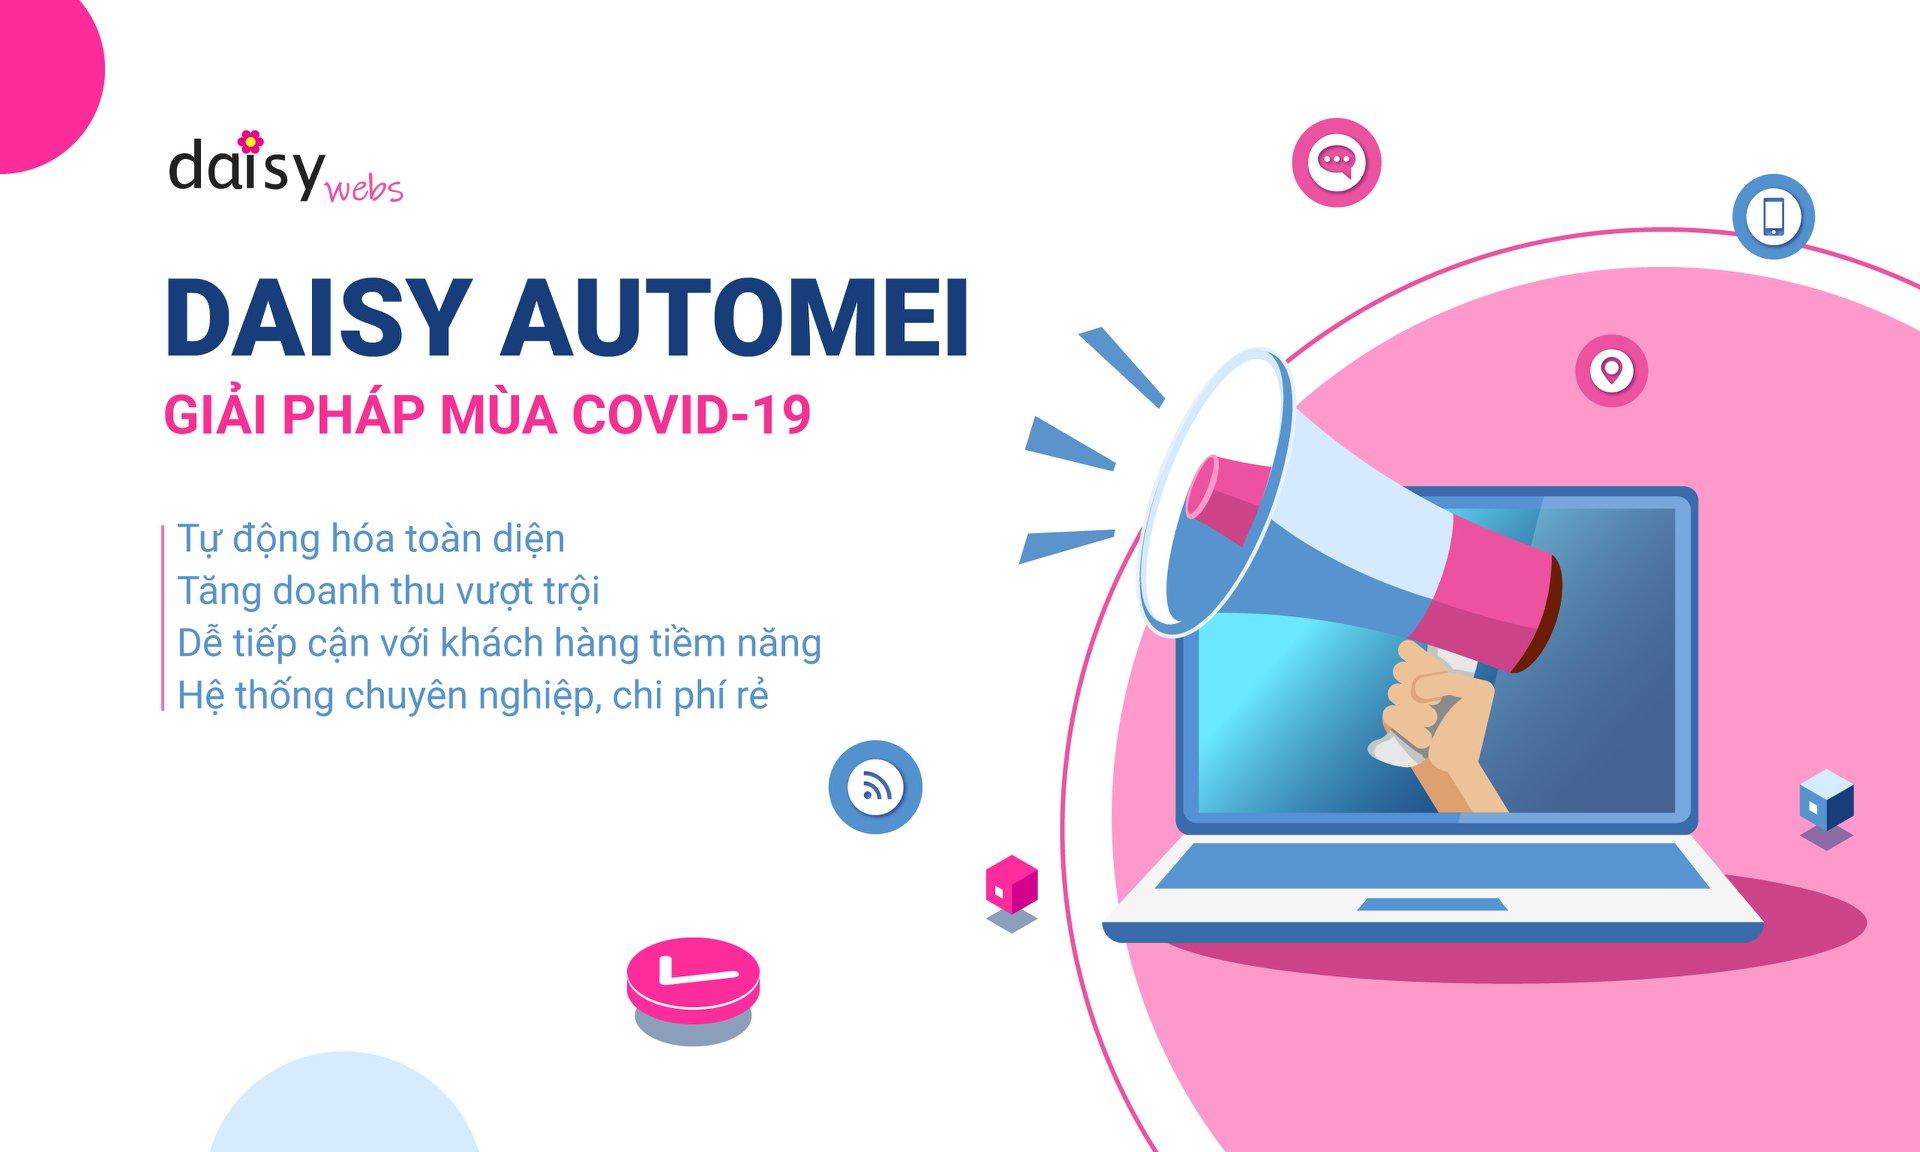 Daisy Webs cam kết mọi trang web đều dễ dàng sử dụng hay tích hợp phát triển